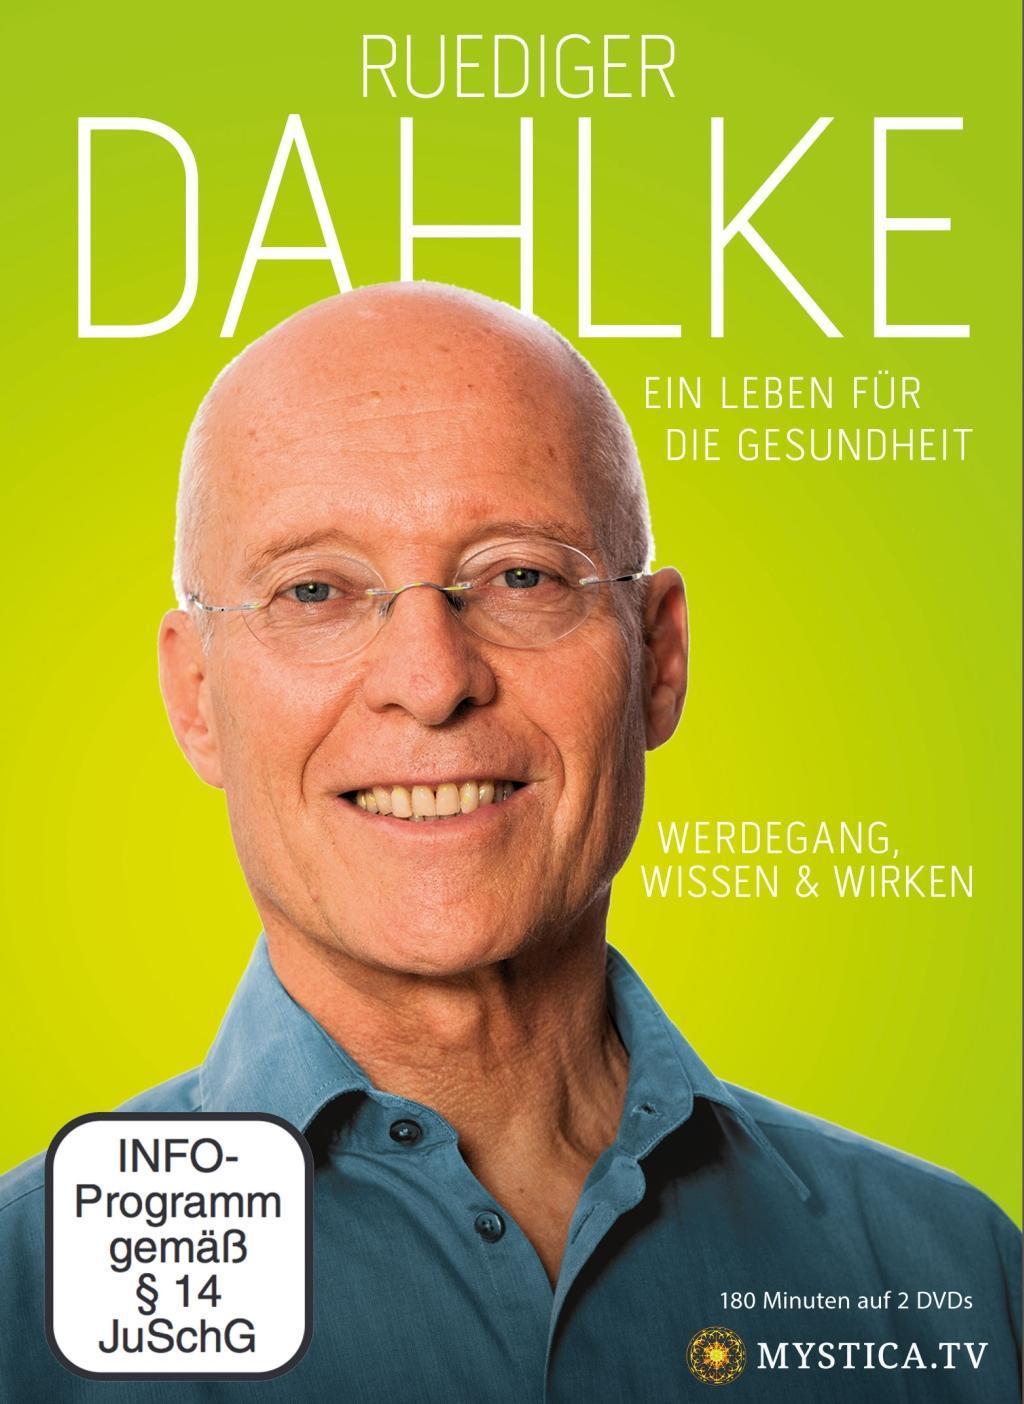 Ruediger Dahlke Ein Leben für die Gesundheit 2 DVD(s)